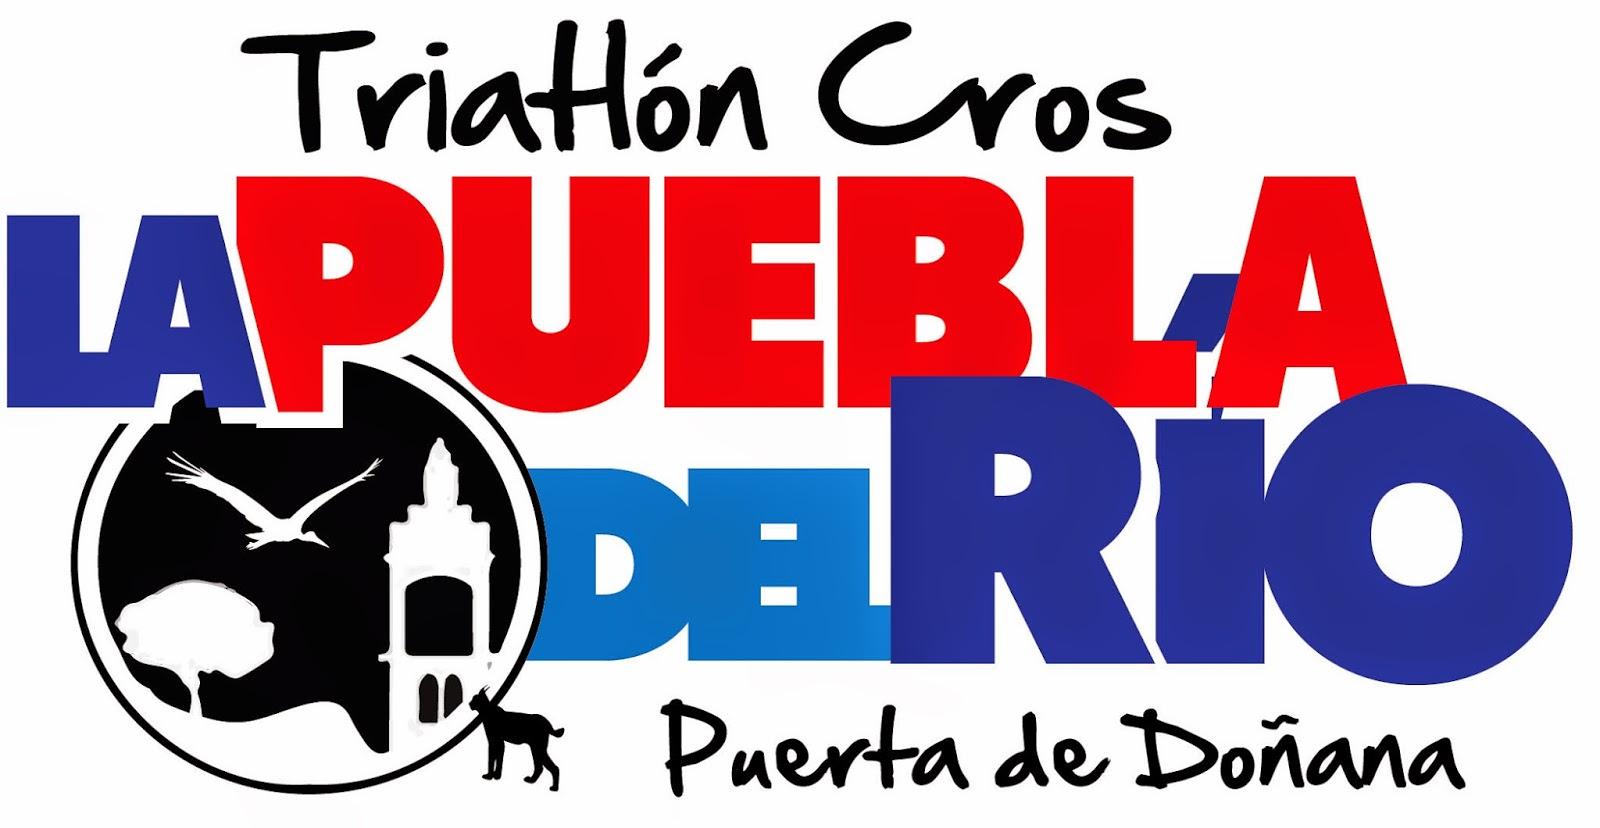 Carrera IV Triatlón Cros La Puebla Del Río Puerta De Doñana